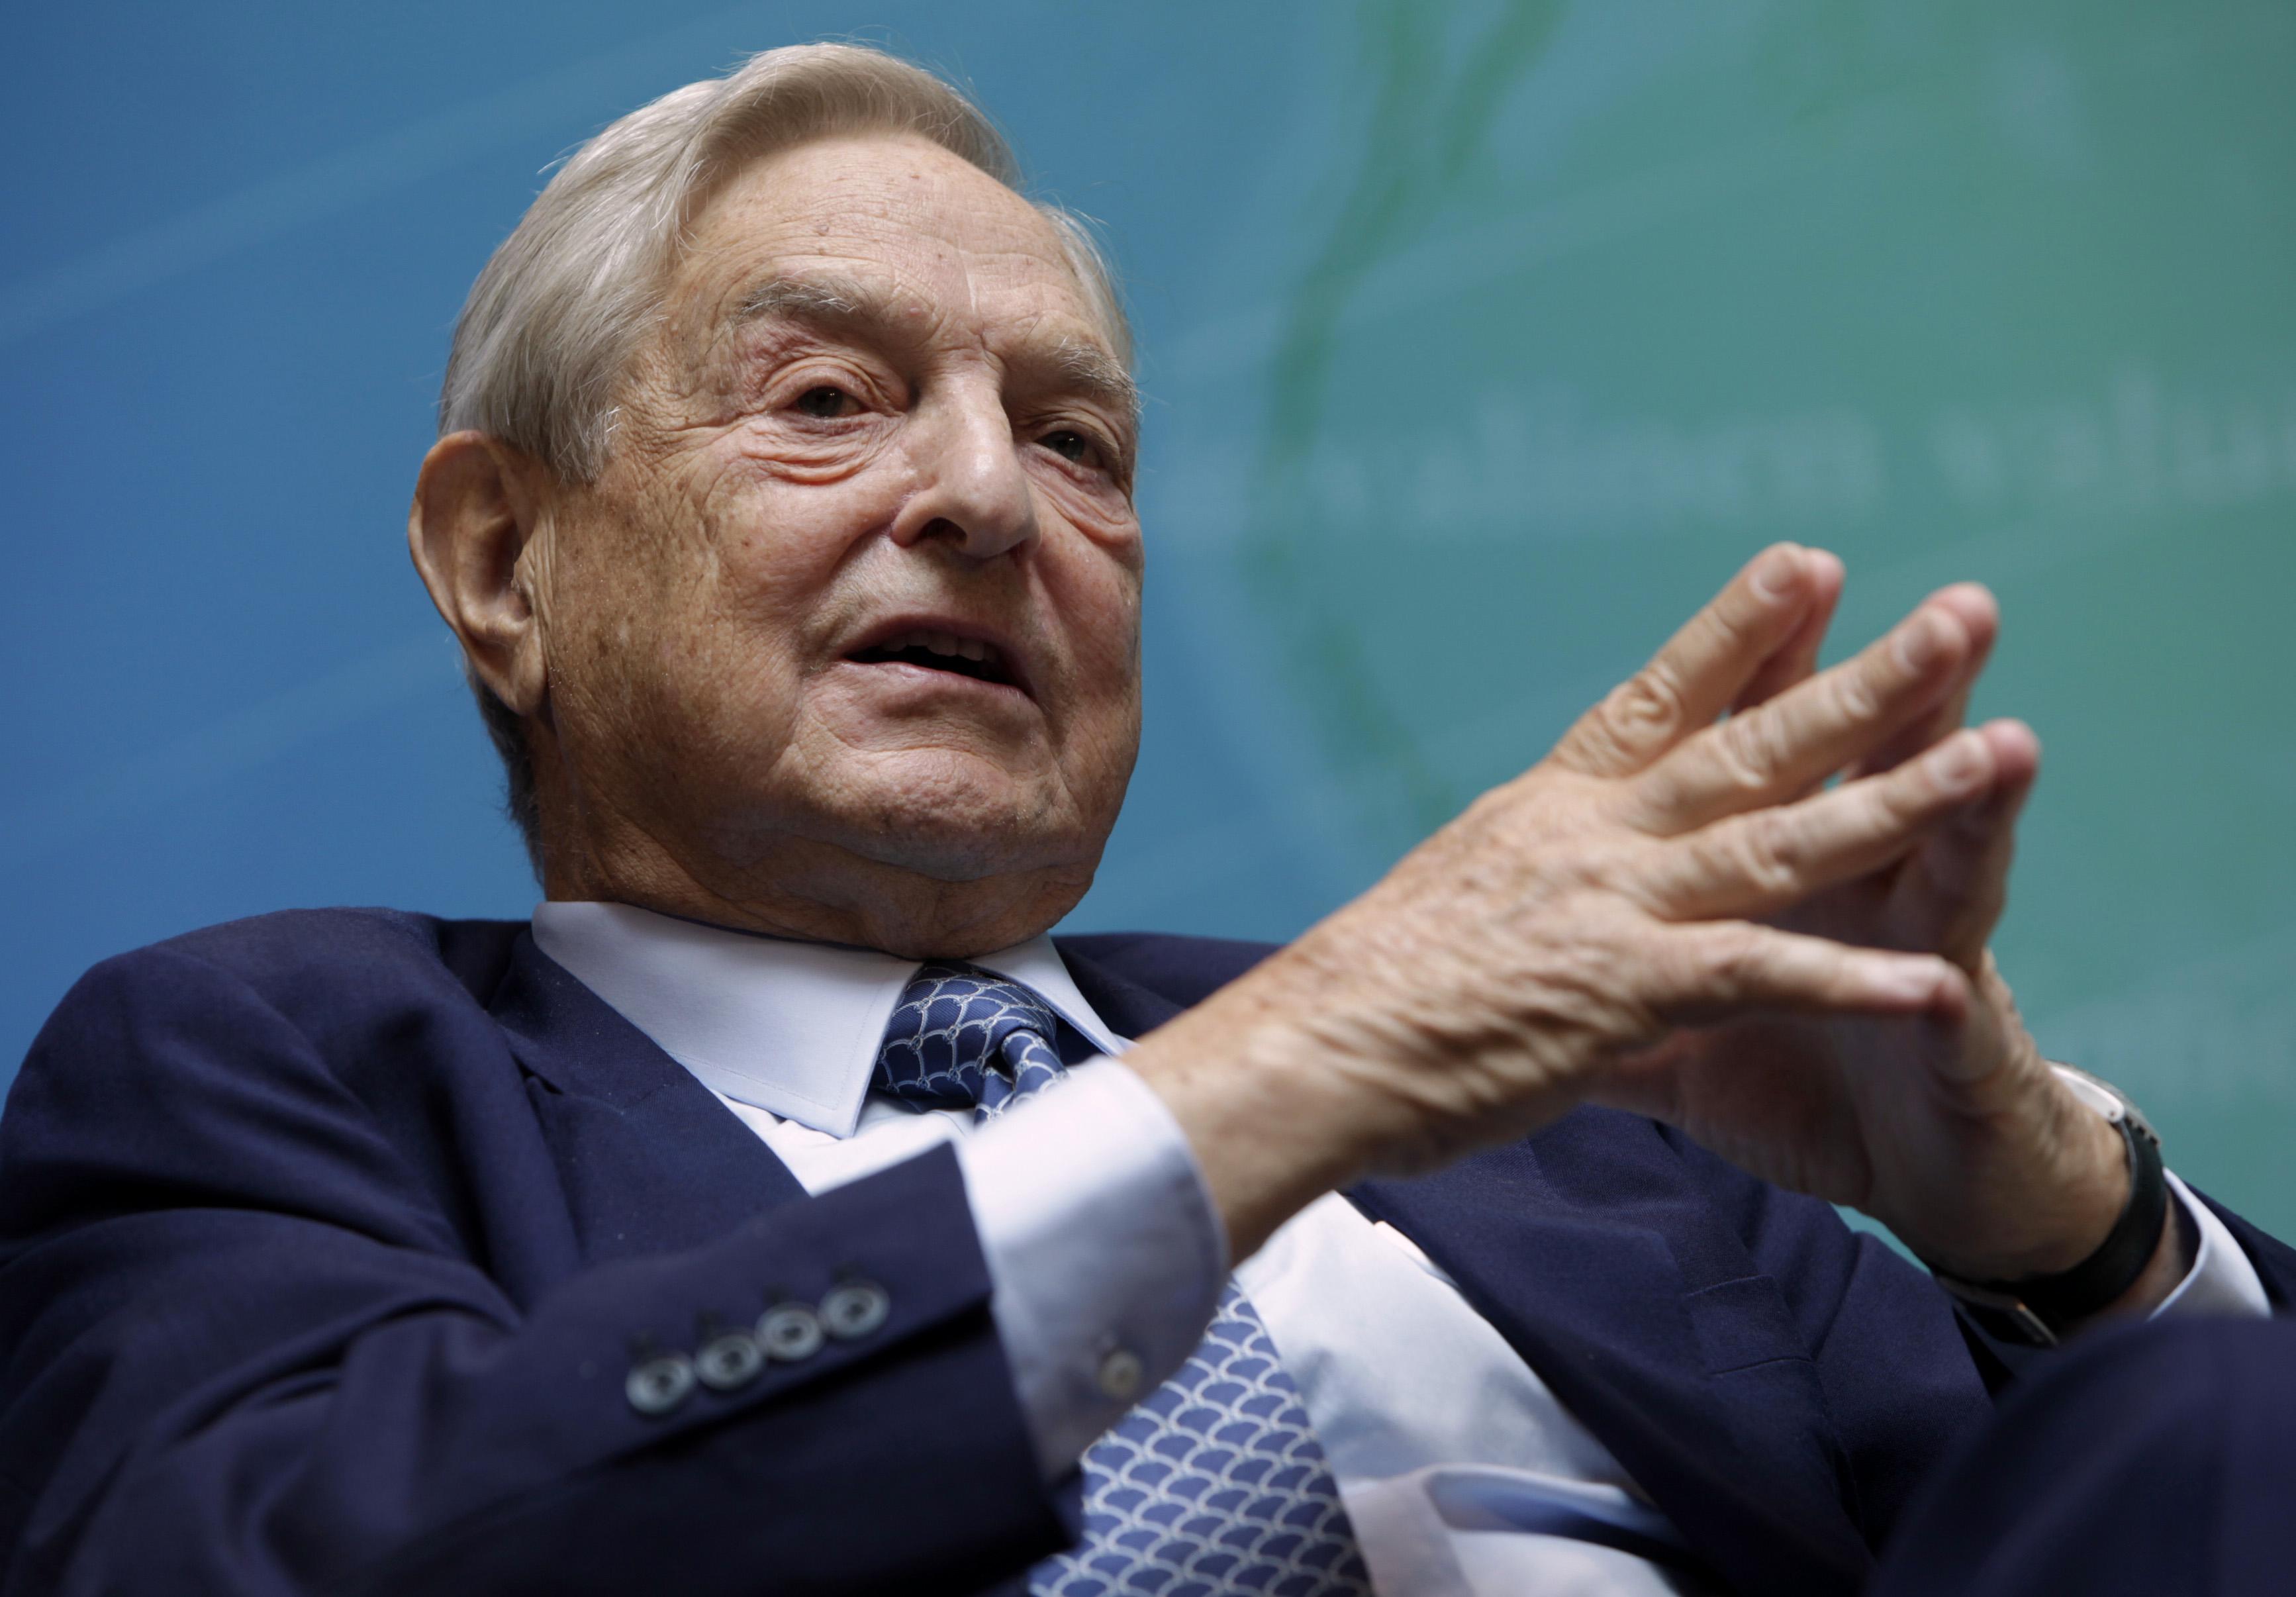 George Soros: de waarheid is al erg genoeg